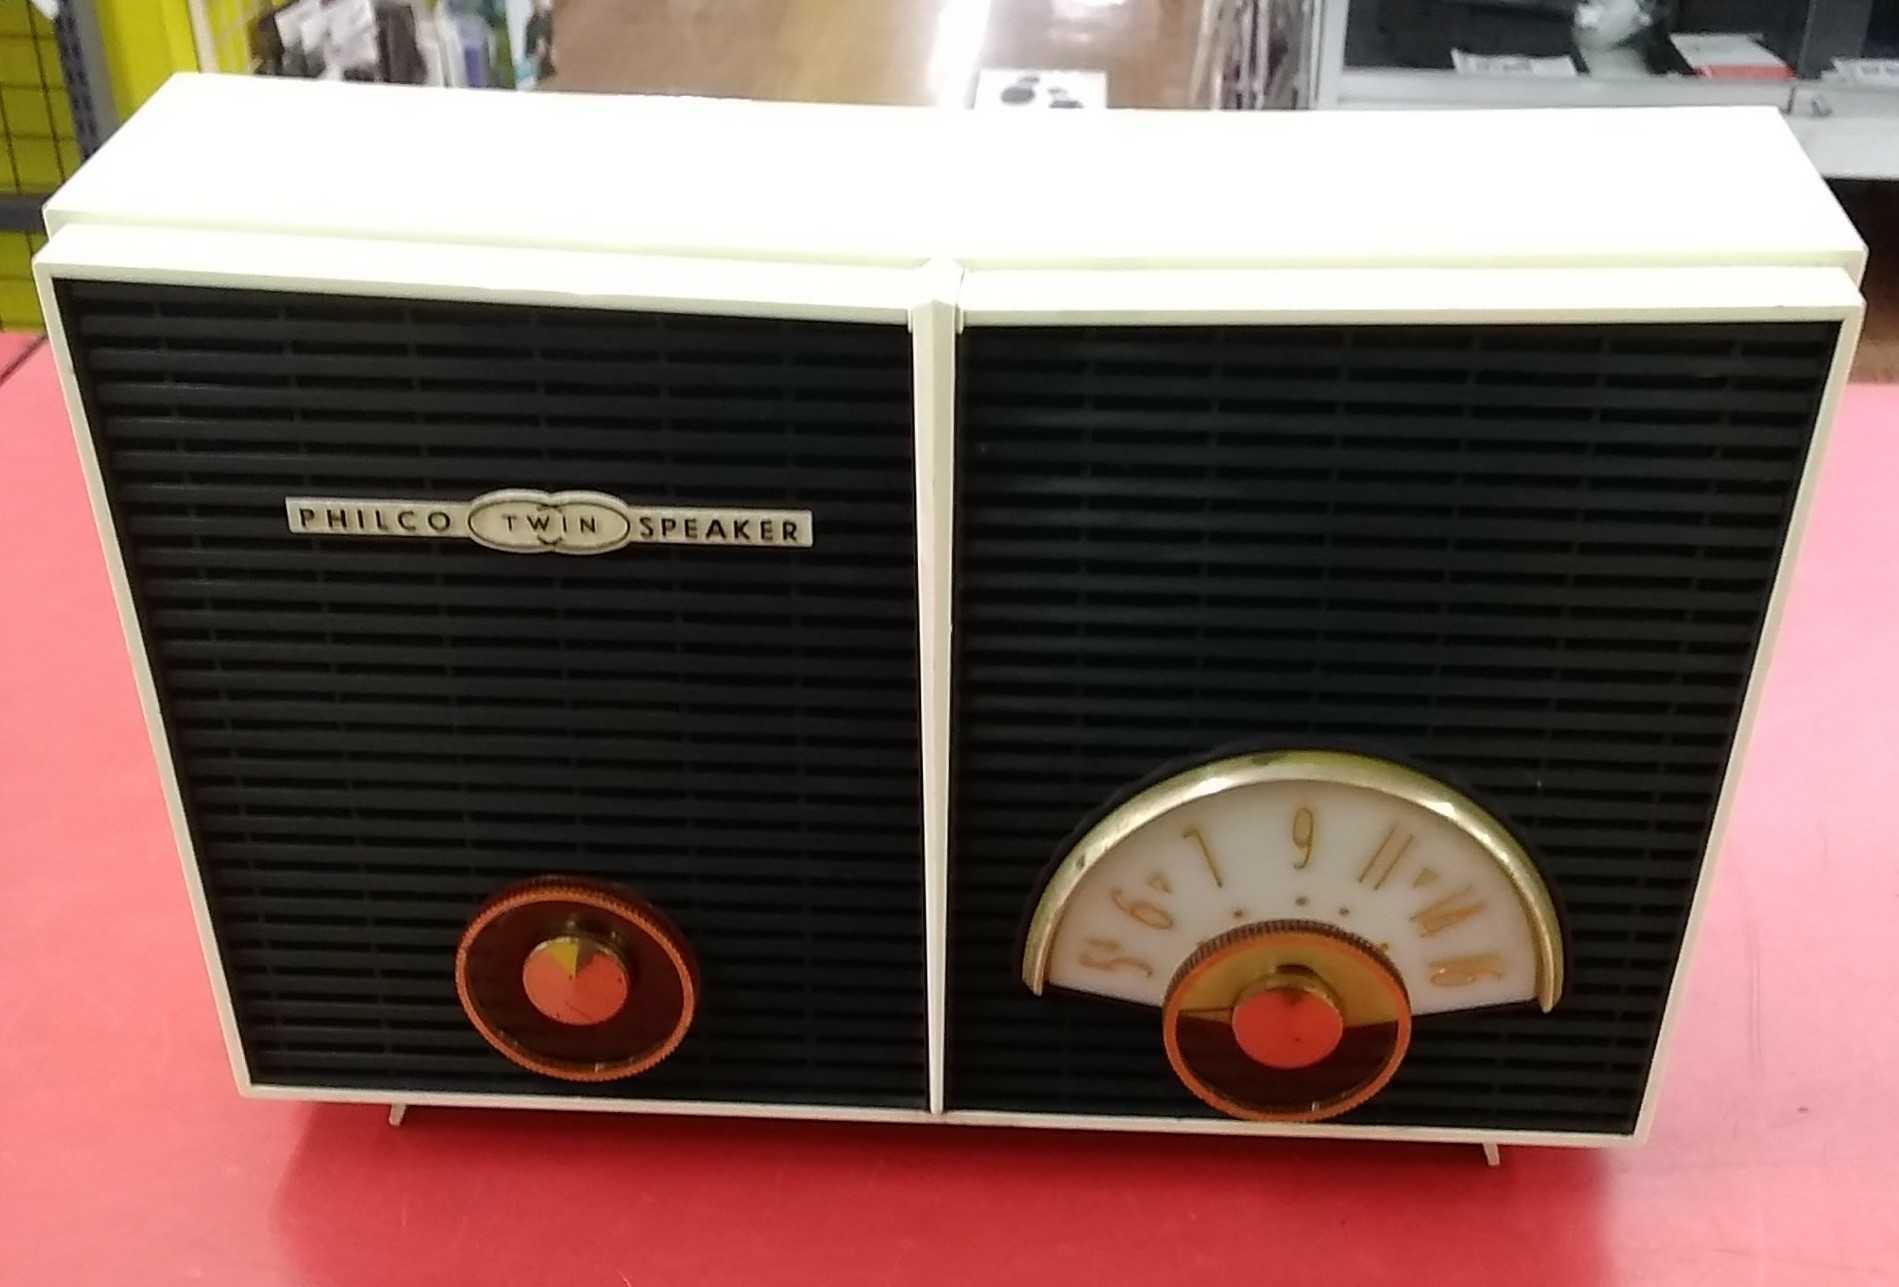 真空管ラジオ|PHILCO